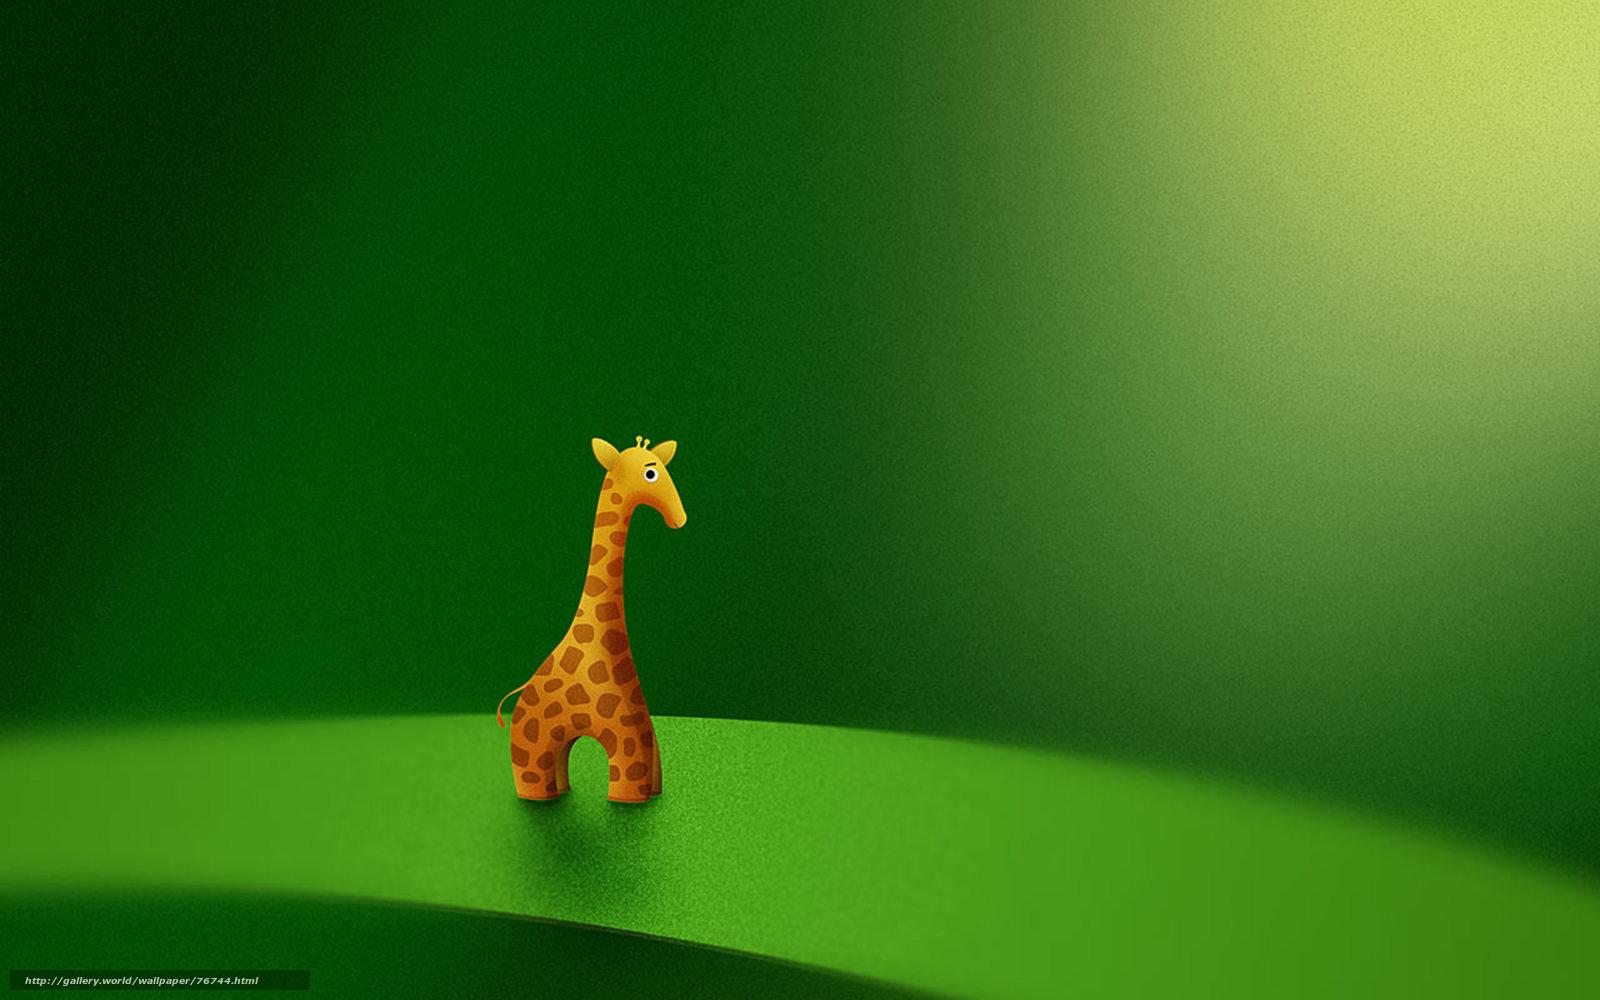 壁紙をダウンロード 緑の背景 キリン おもちゃ デスクトップの解像度のための無料壁紙 2560x1600 絵